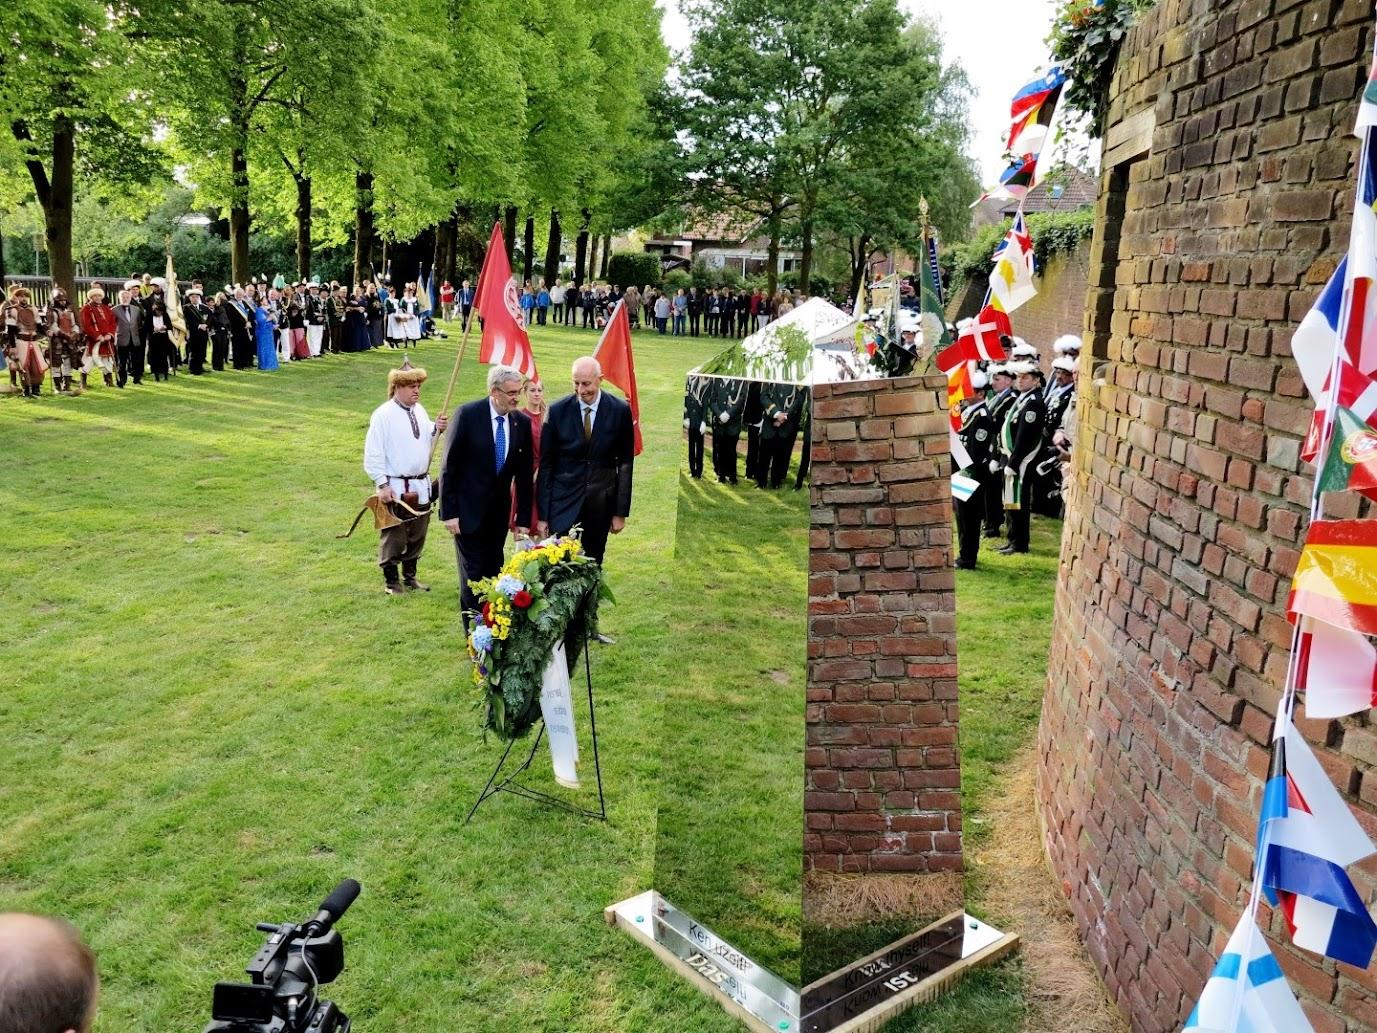 14 Mei 2016 Herdenking 200 jaar grensland – Album 2